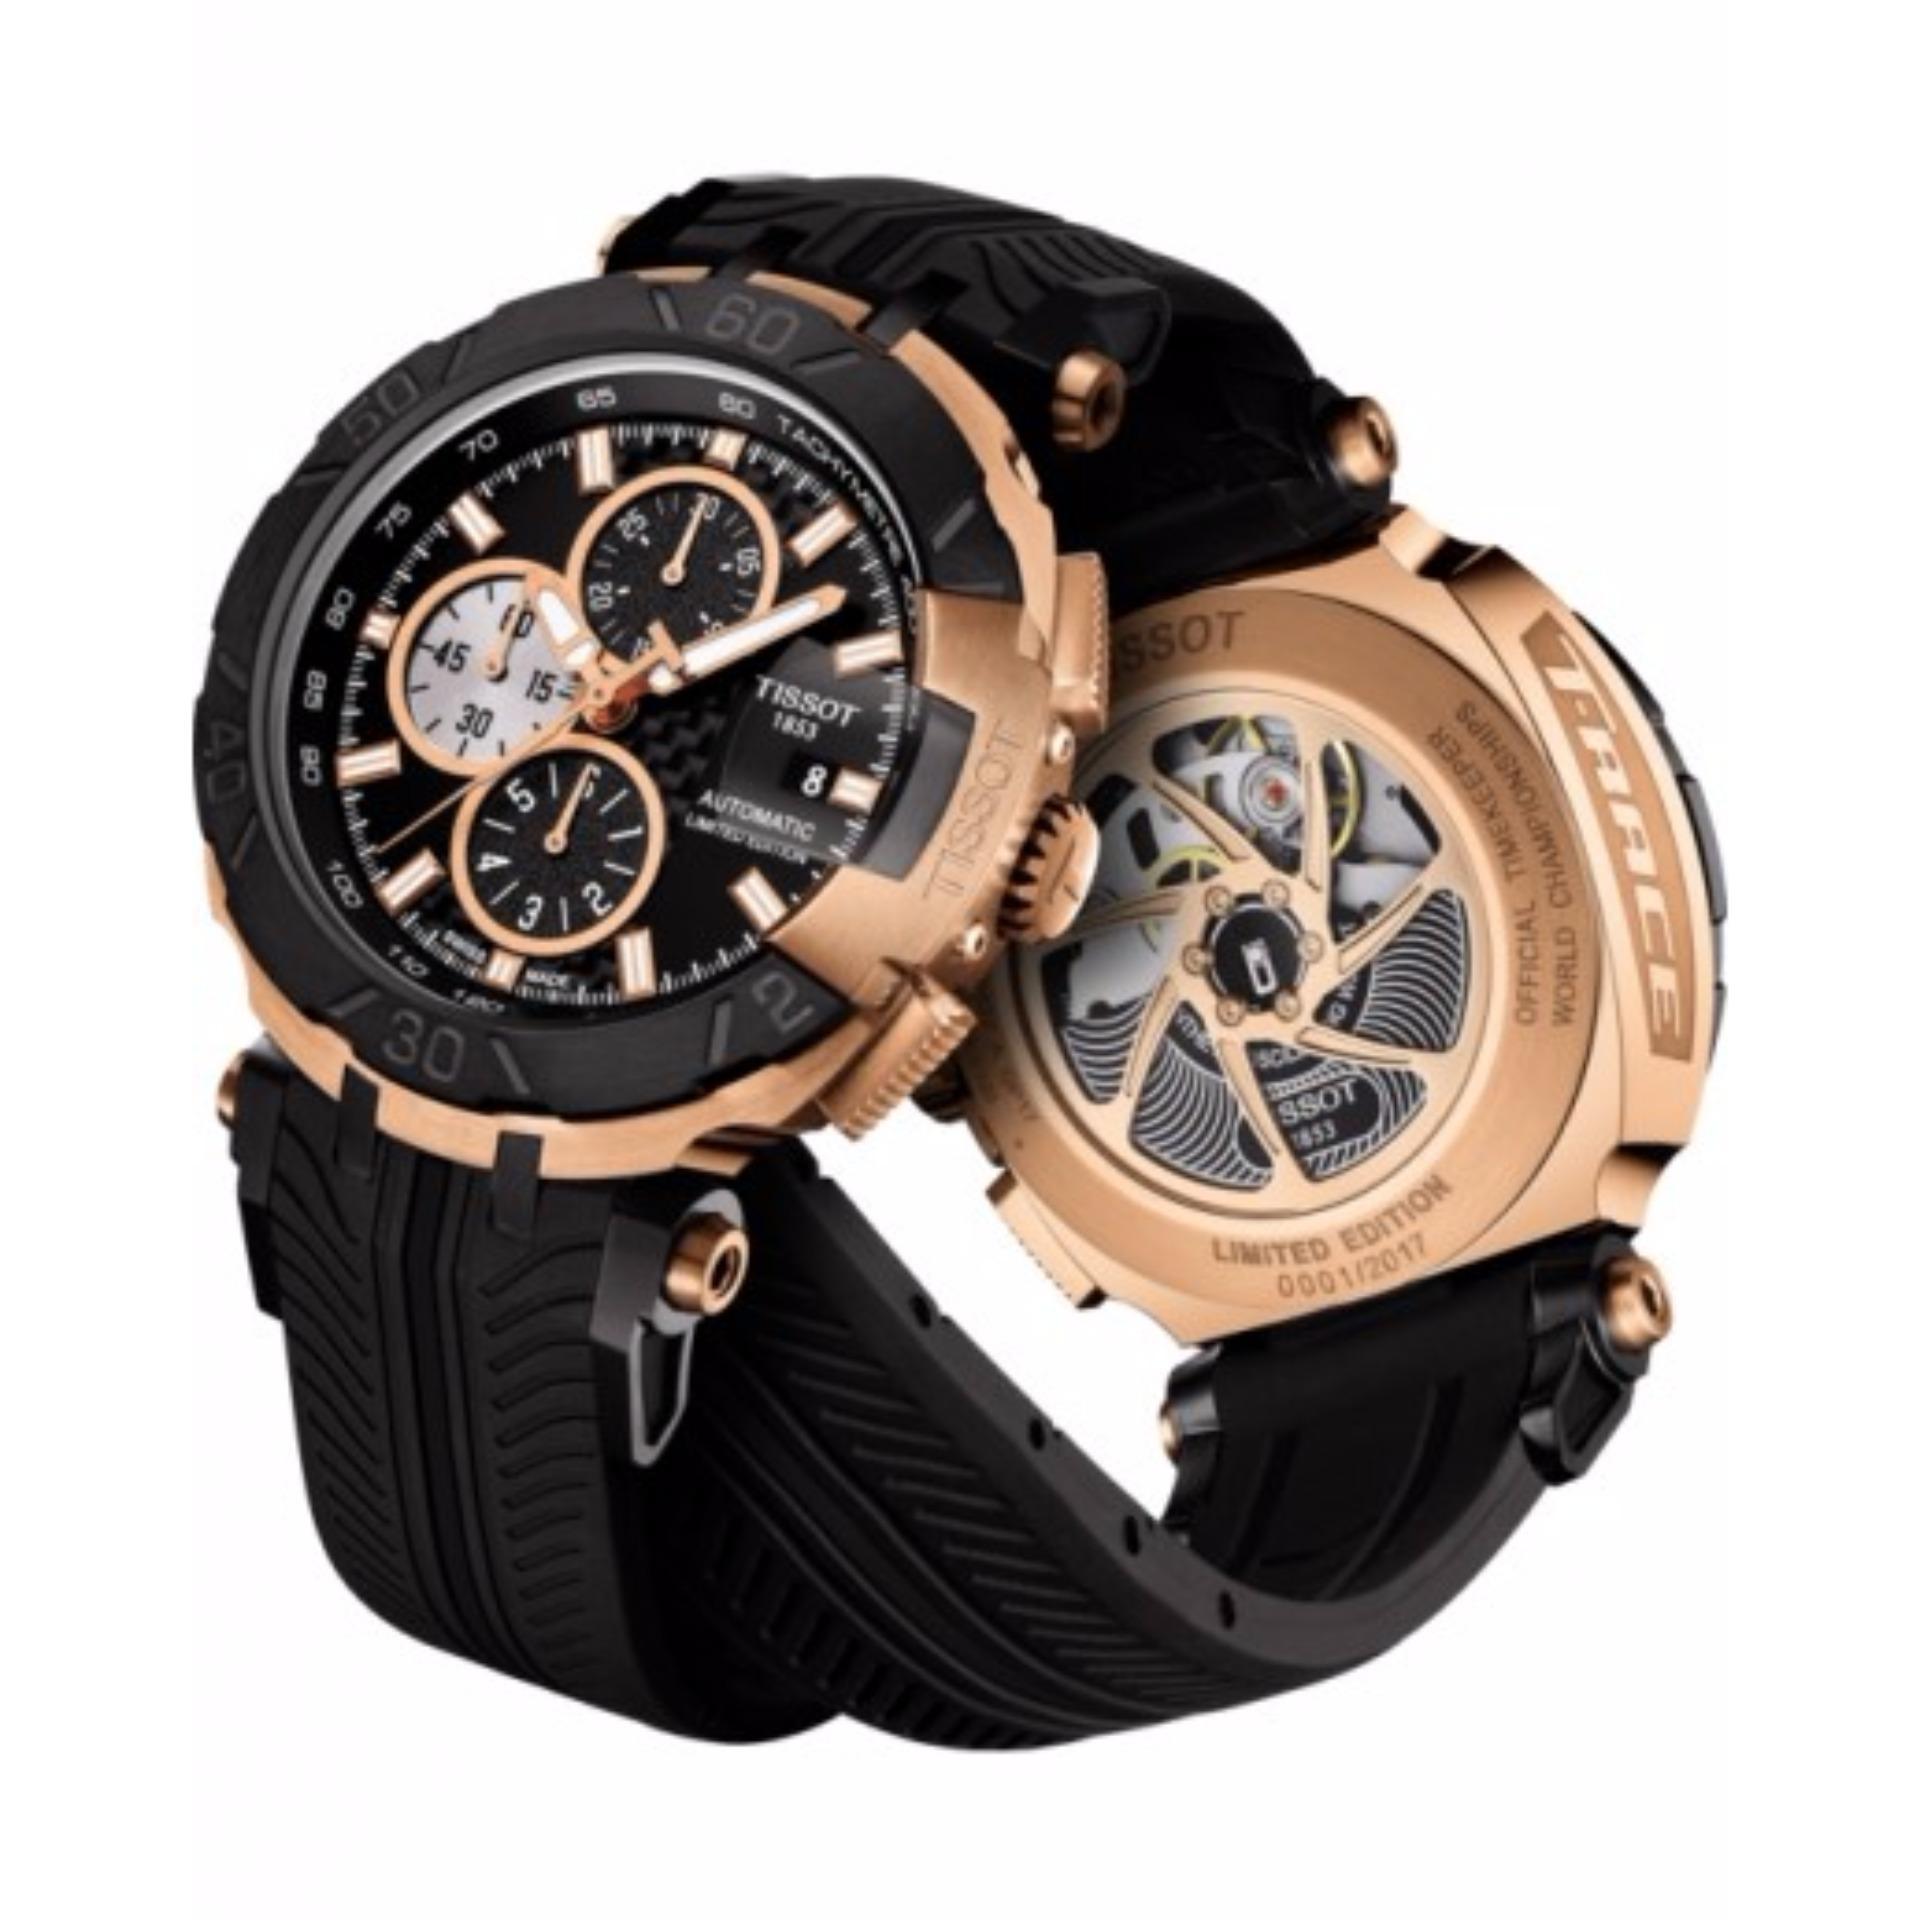 Beli Tissot T092 427 27 051 00 T Race Motogp 2017 Limited Edition Chronograph Tachymeter Jam Tangan Pria Bahan Tali Silikon Hitam Dengan Kartu Kredit